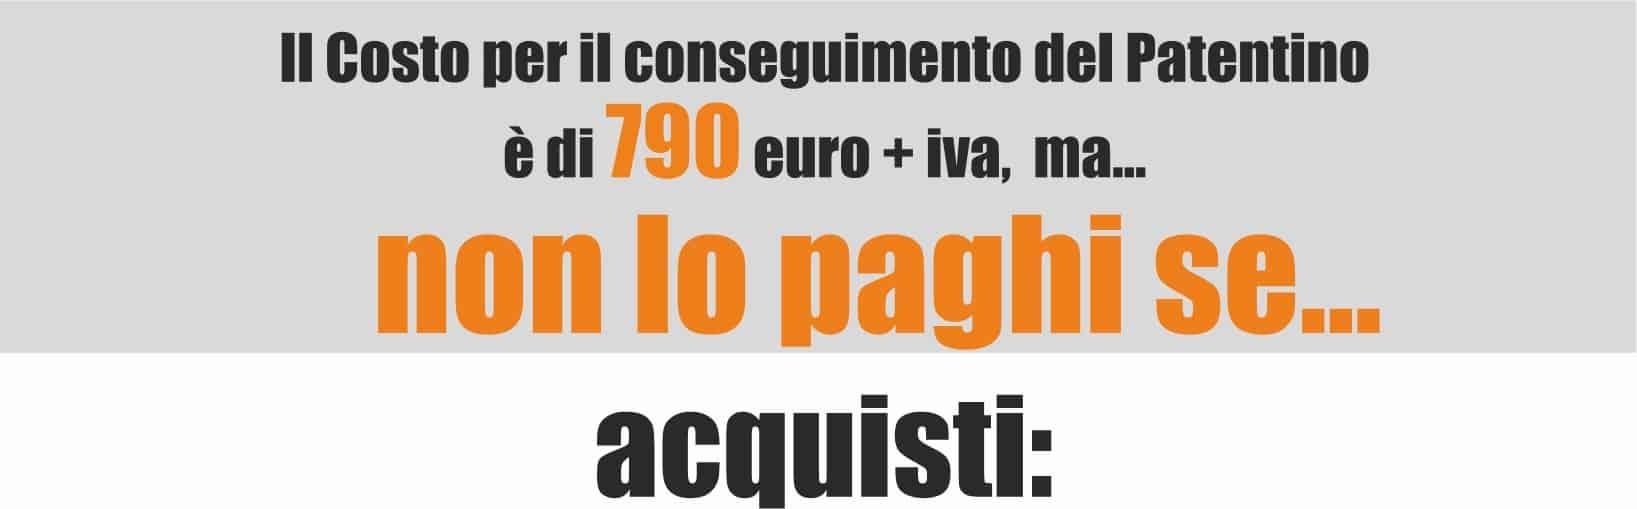 F-Gas a Luglio prendi il Patentino | Elettrogruppo ZeroUno | TORINO | promo sconti f gas costi acquisti